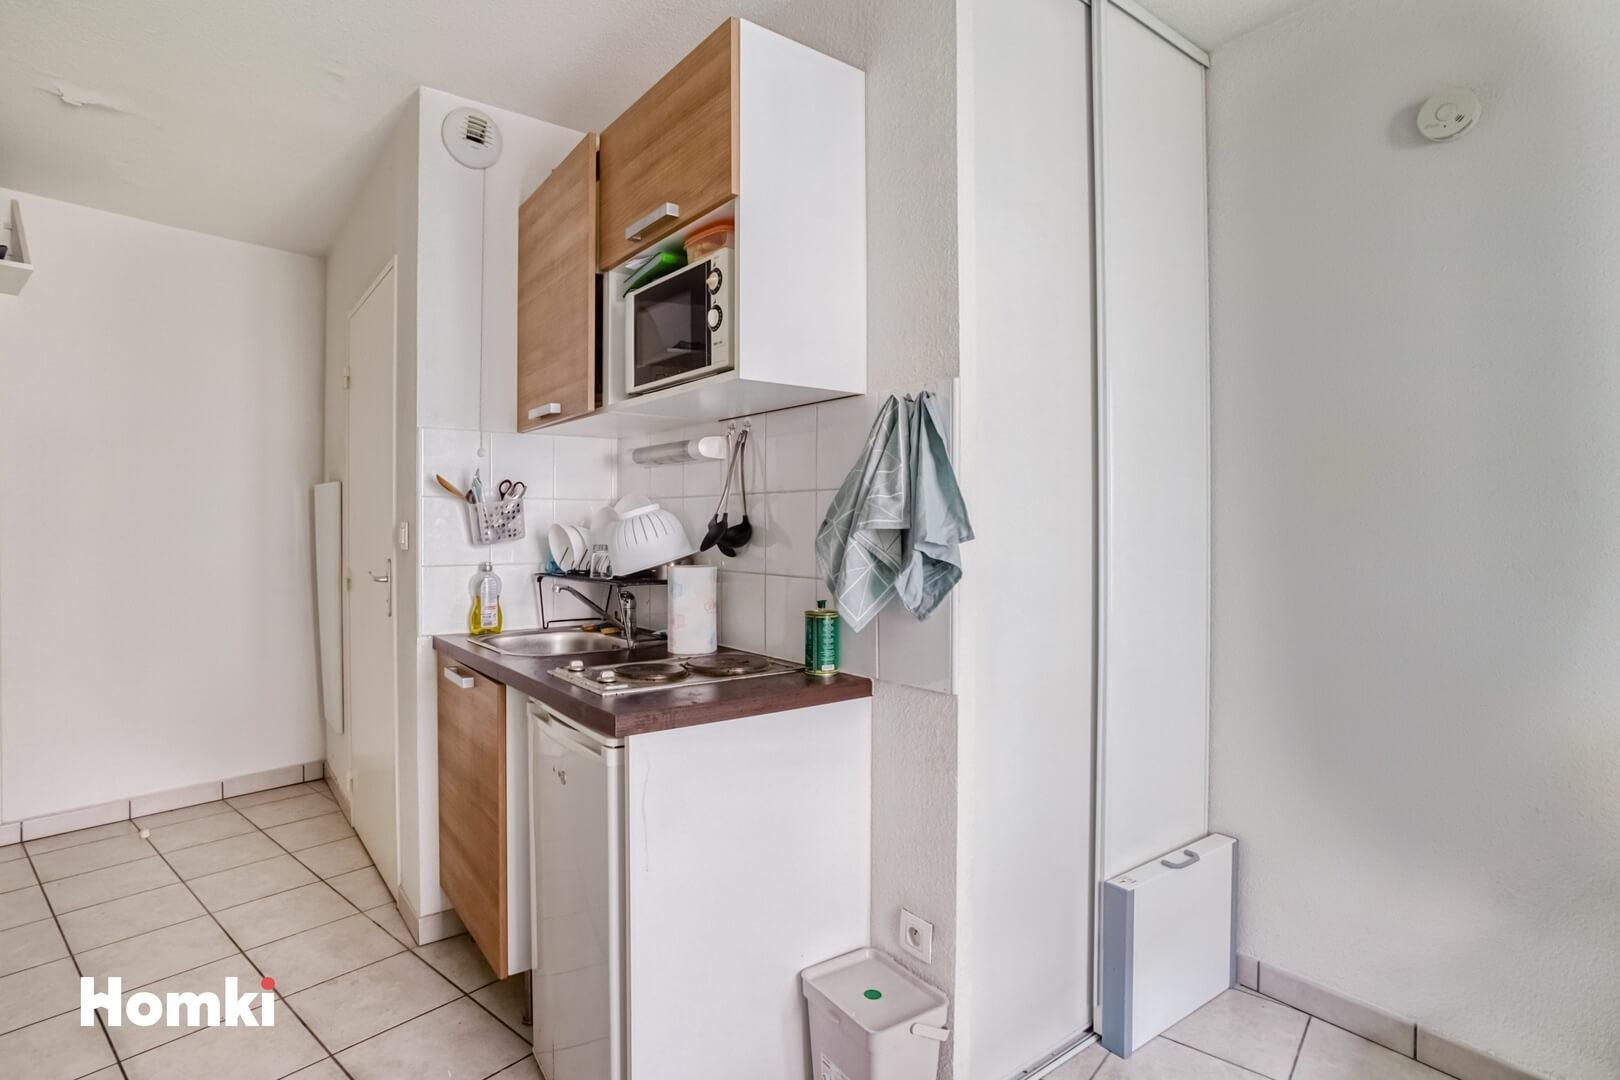 Homki - Vente Appartement  de 20.0 m² à Villeurbanne 69100